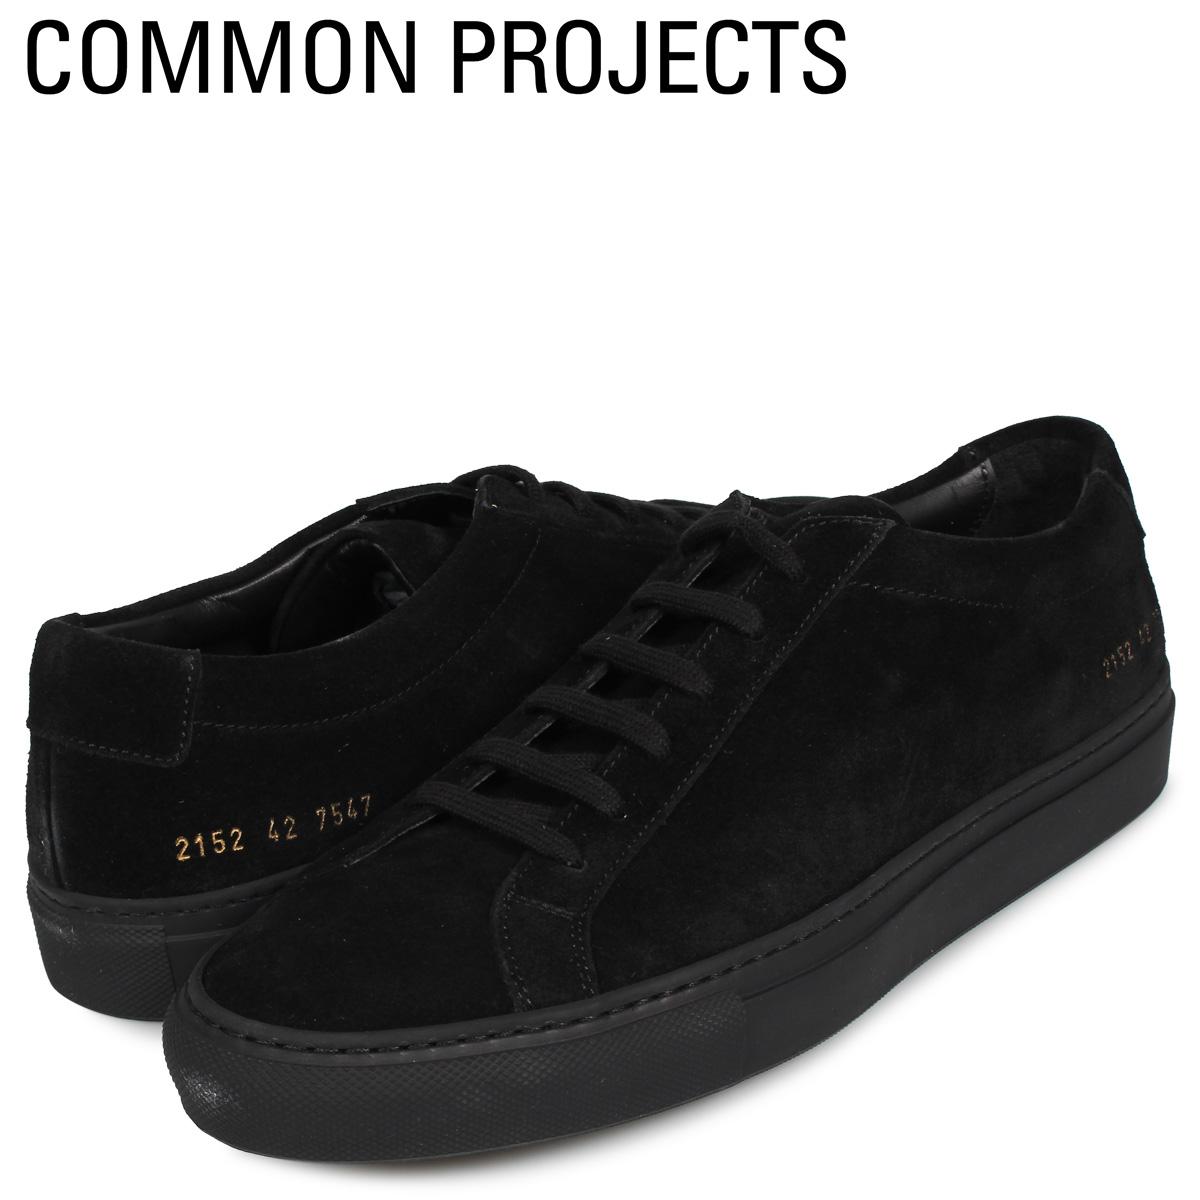 【お買い物マラソンSALE】 コモンプロジェクト Common Projects アキレス ロー スニーカー メンズ ACHILLES LOW SUEDE ブラック 黒 2152-7547